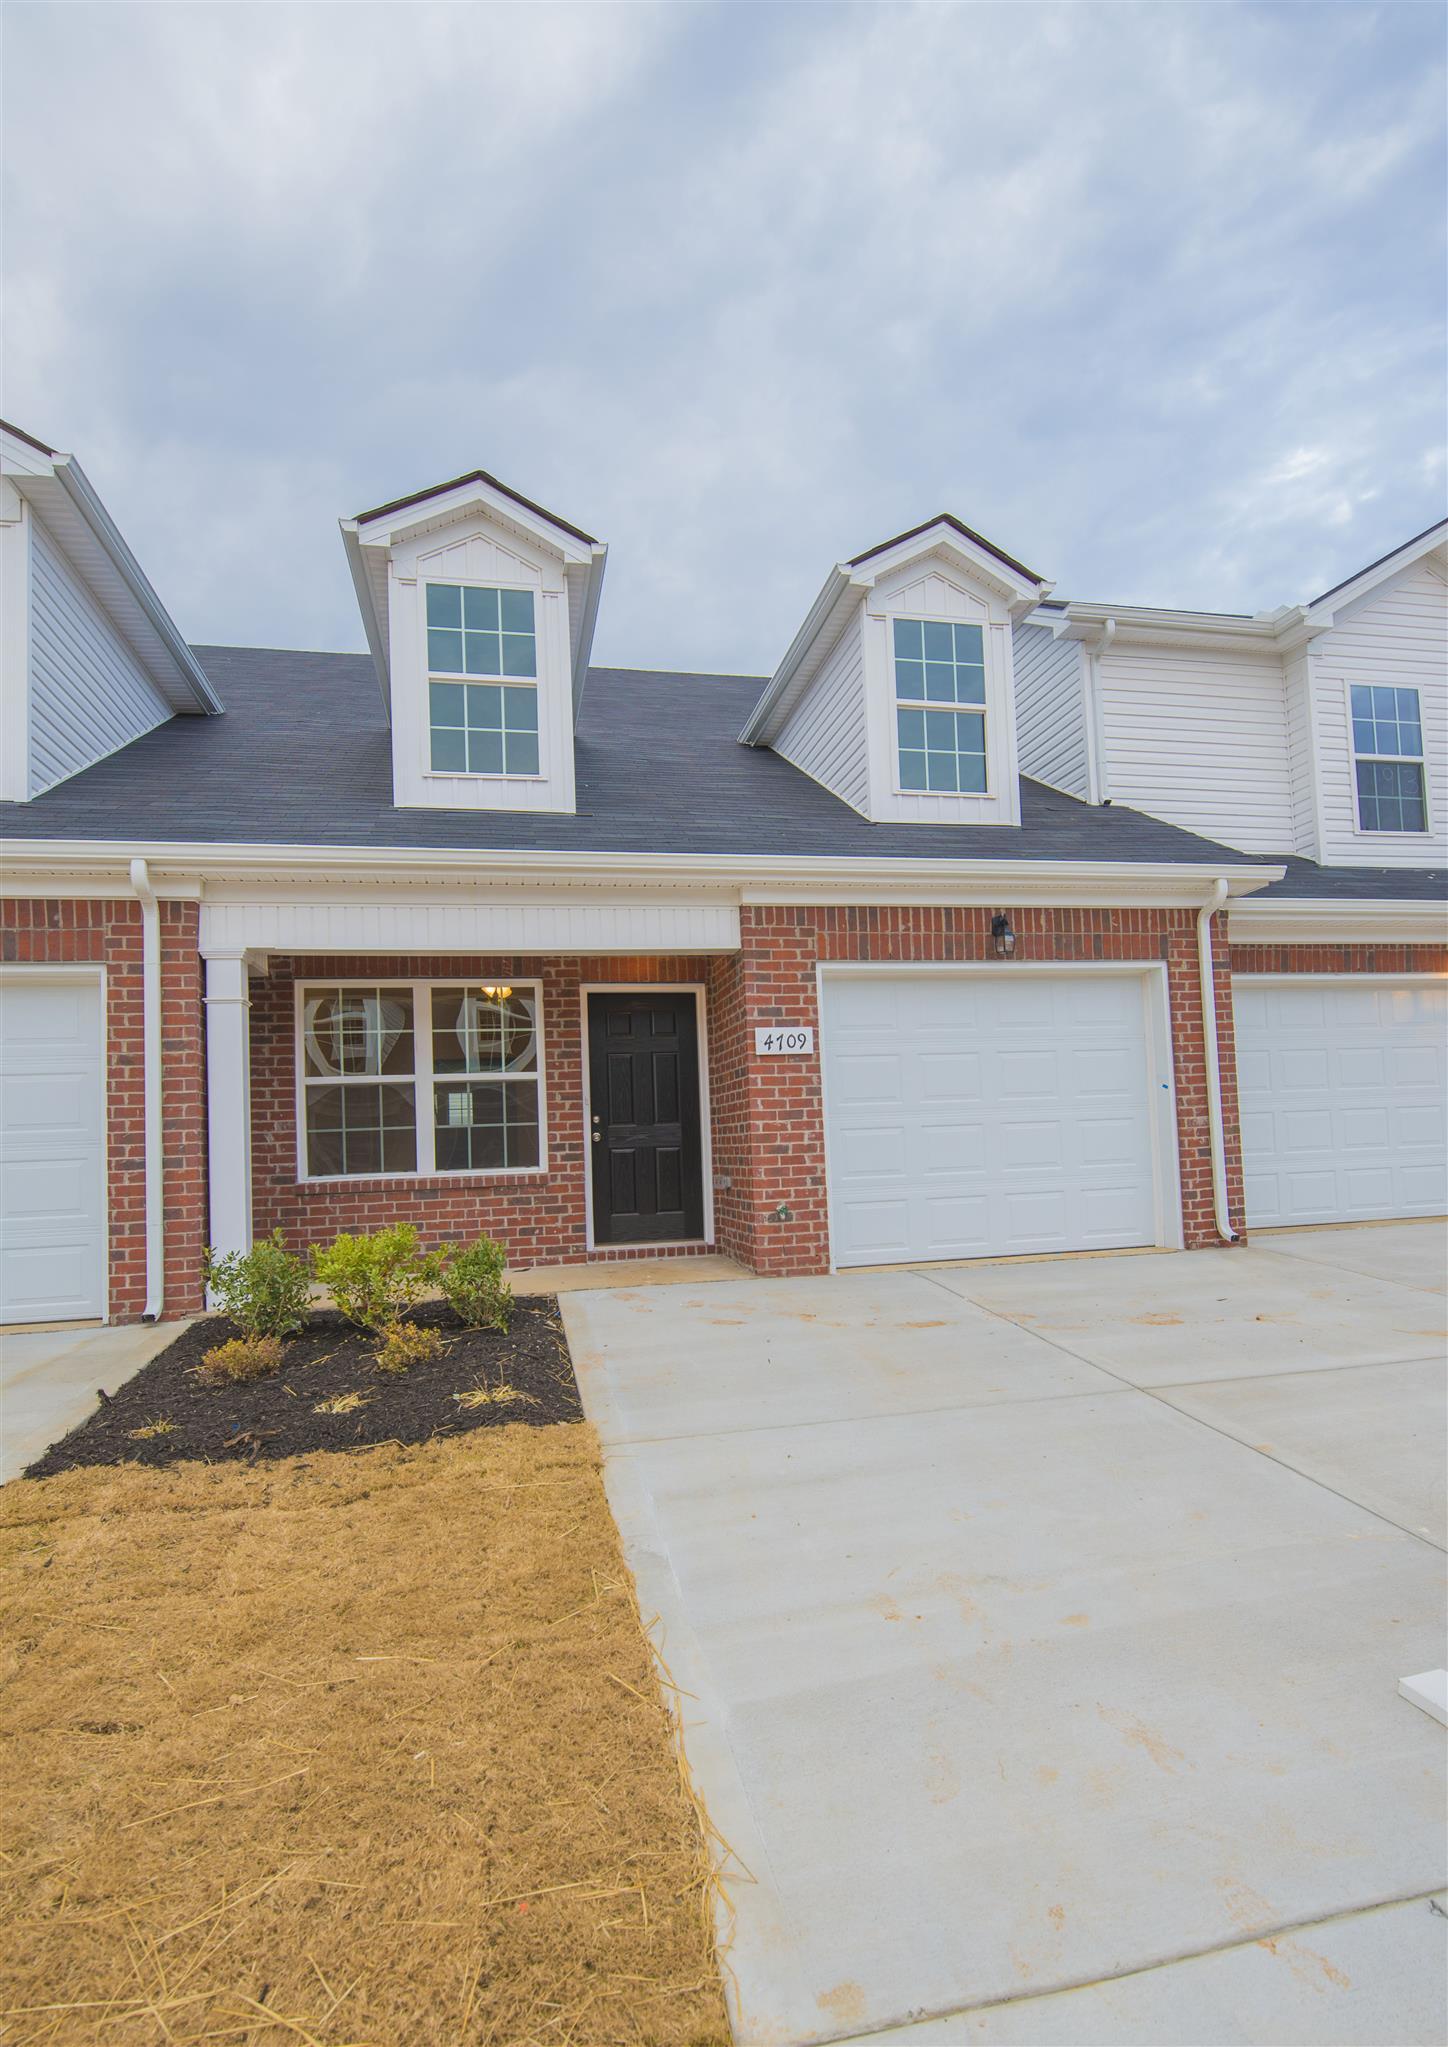 Photo of 4716 Chelanie Circle - 109  Murfreesboro  TN